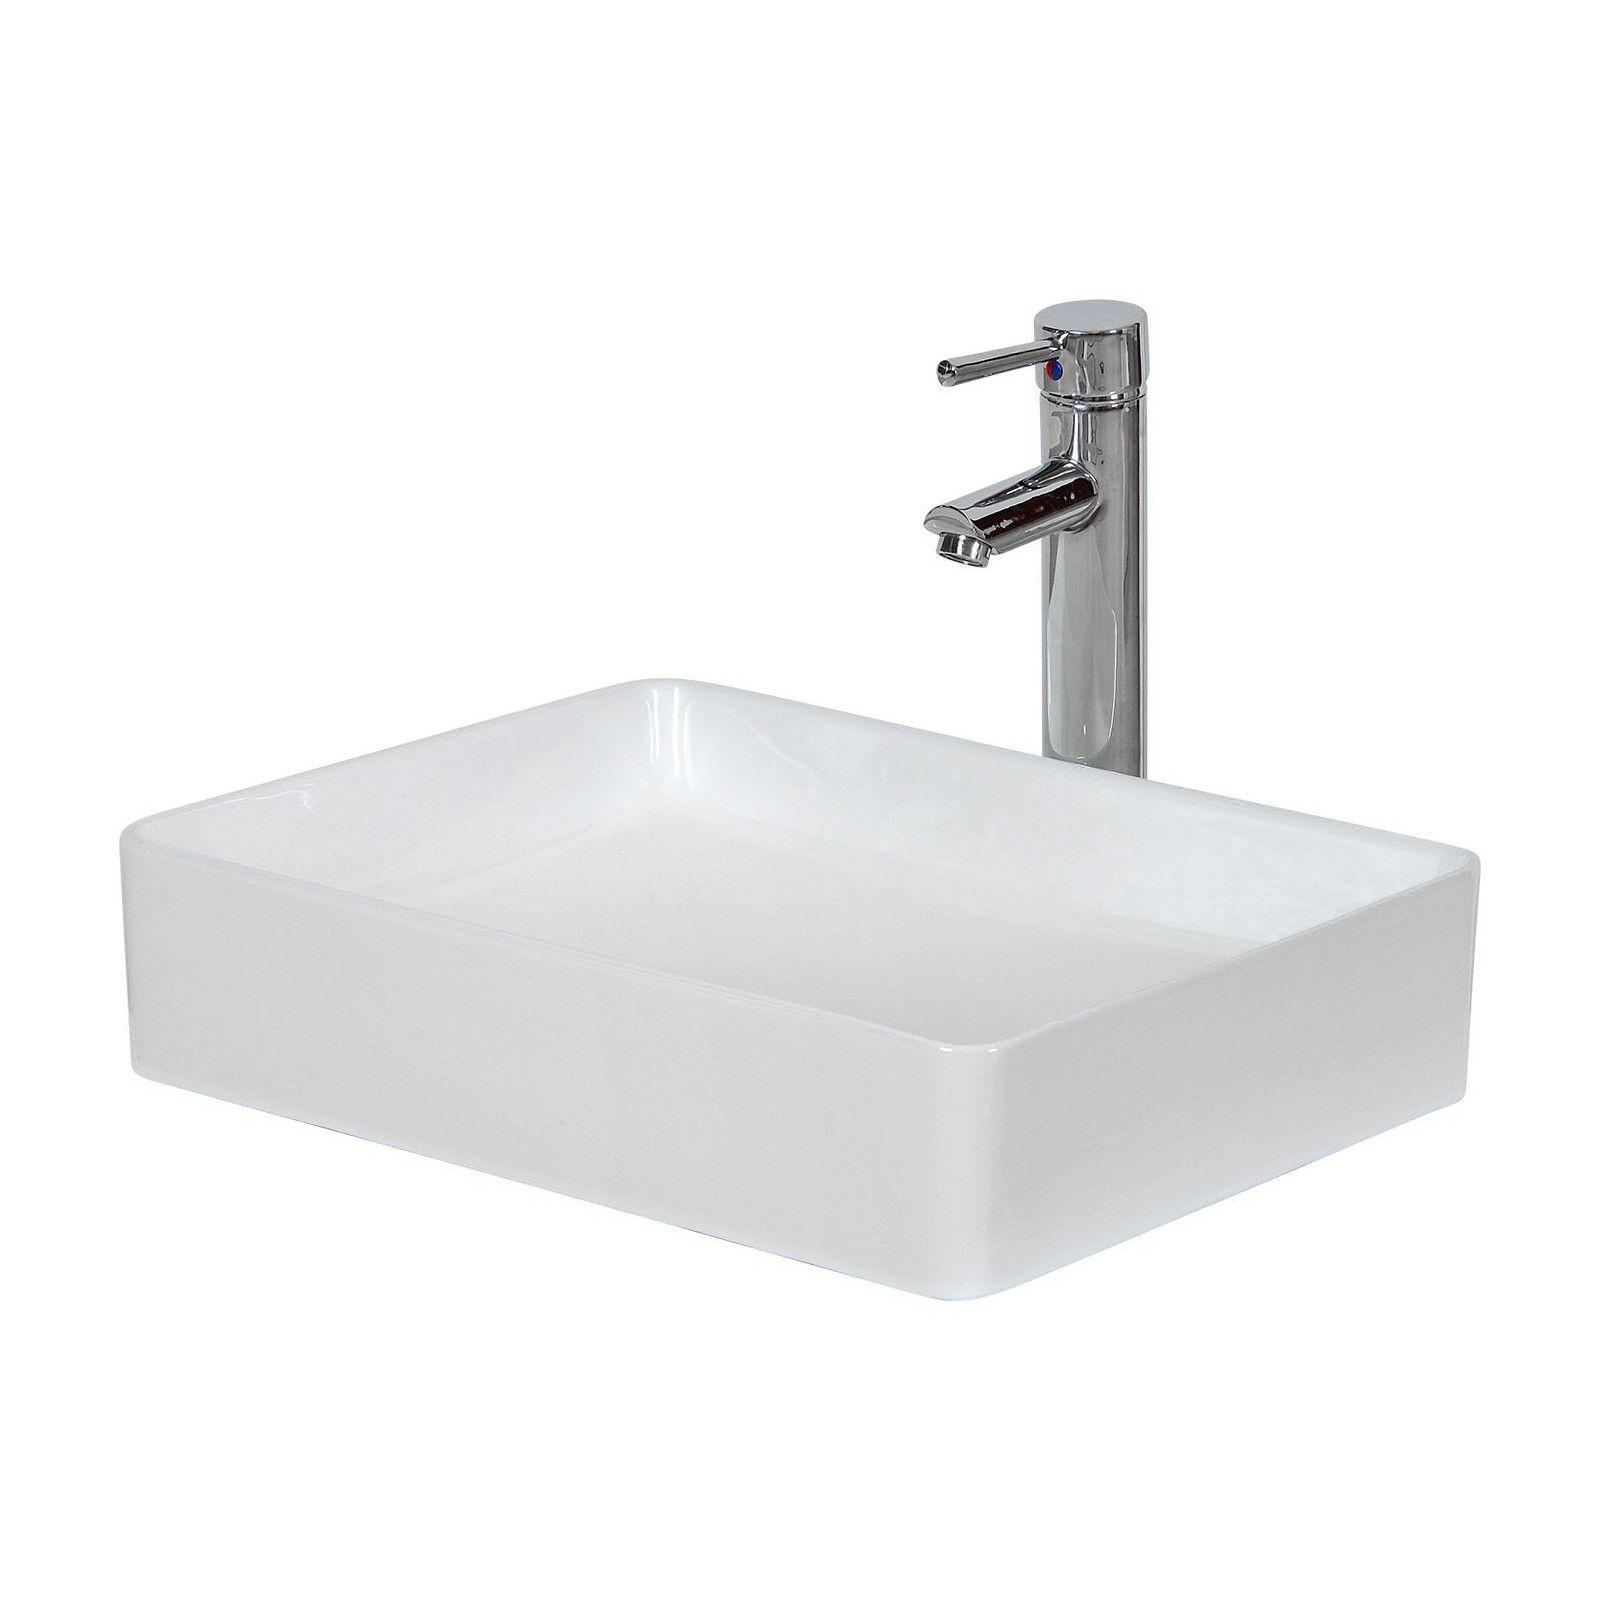 Vasque Salle de bain à poser Céramique Blanche L47 x P36 x H12 cm ROMY